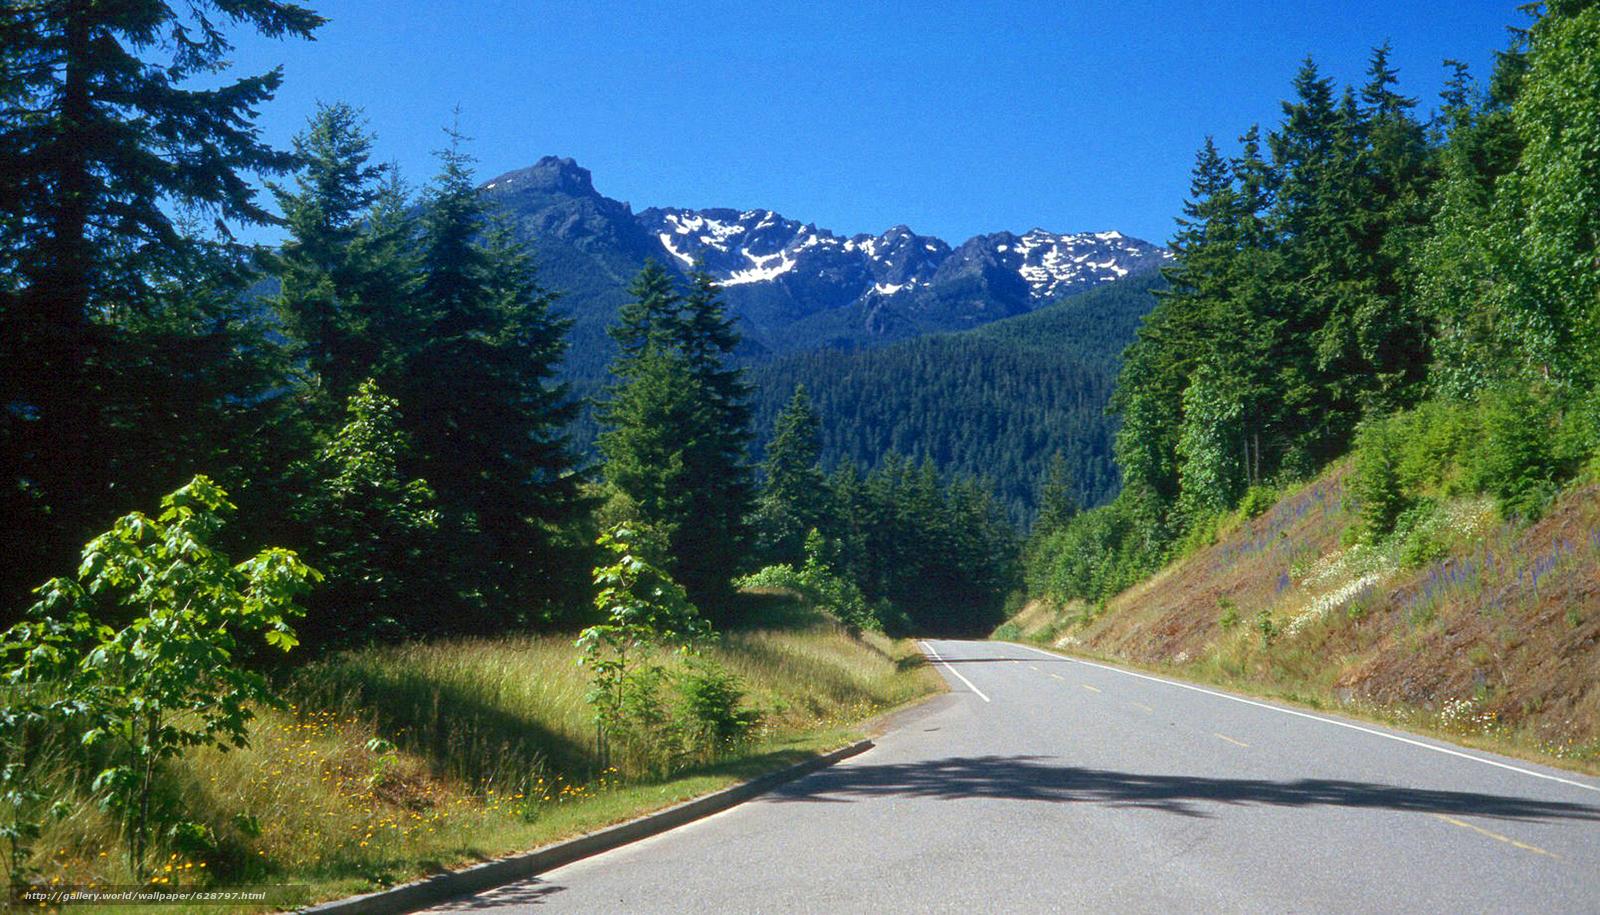 Olympic Nat Park, Washington, дорога, горы, деревья, пейзаж